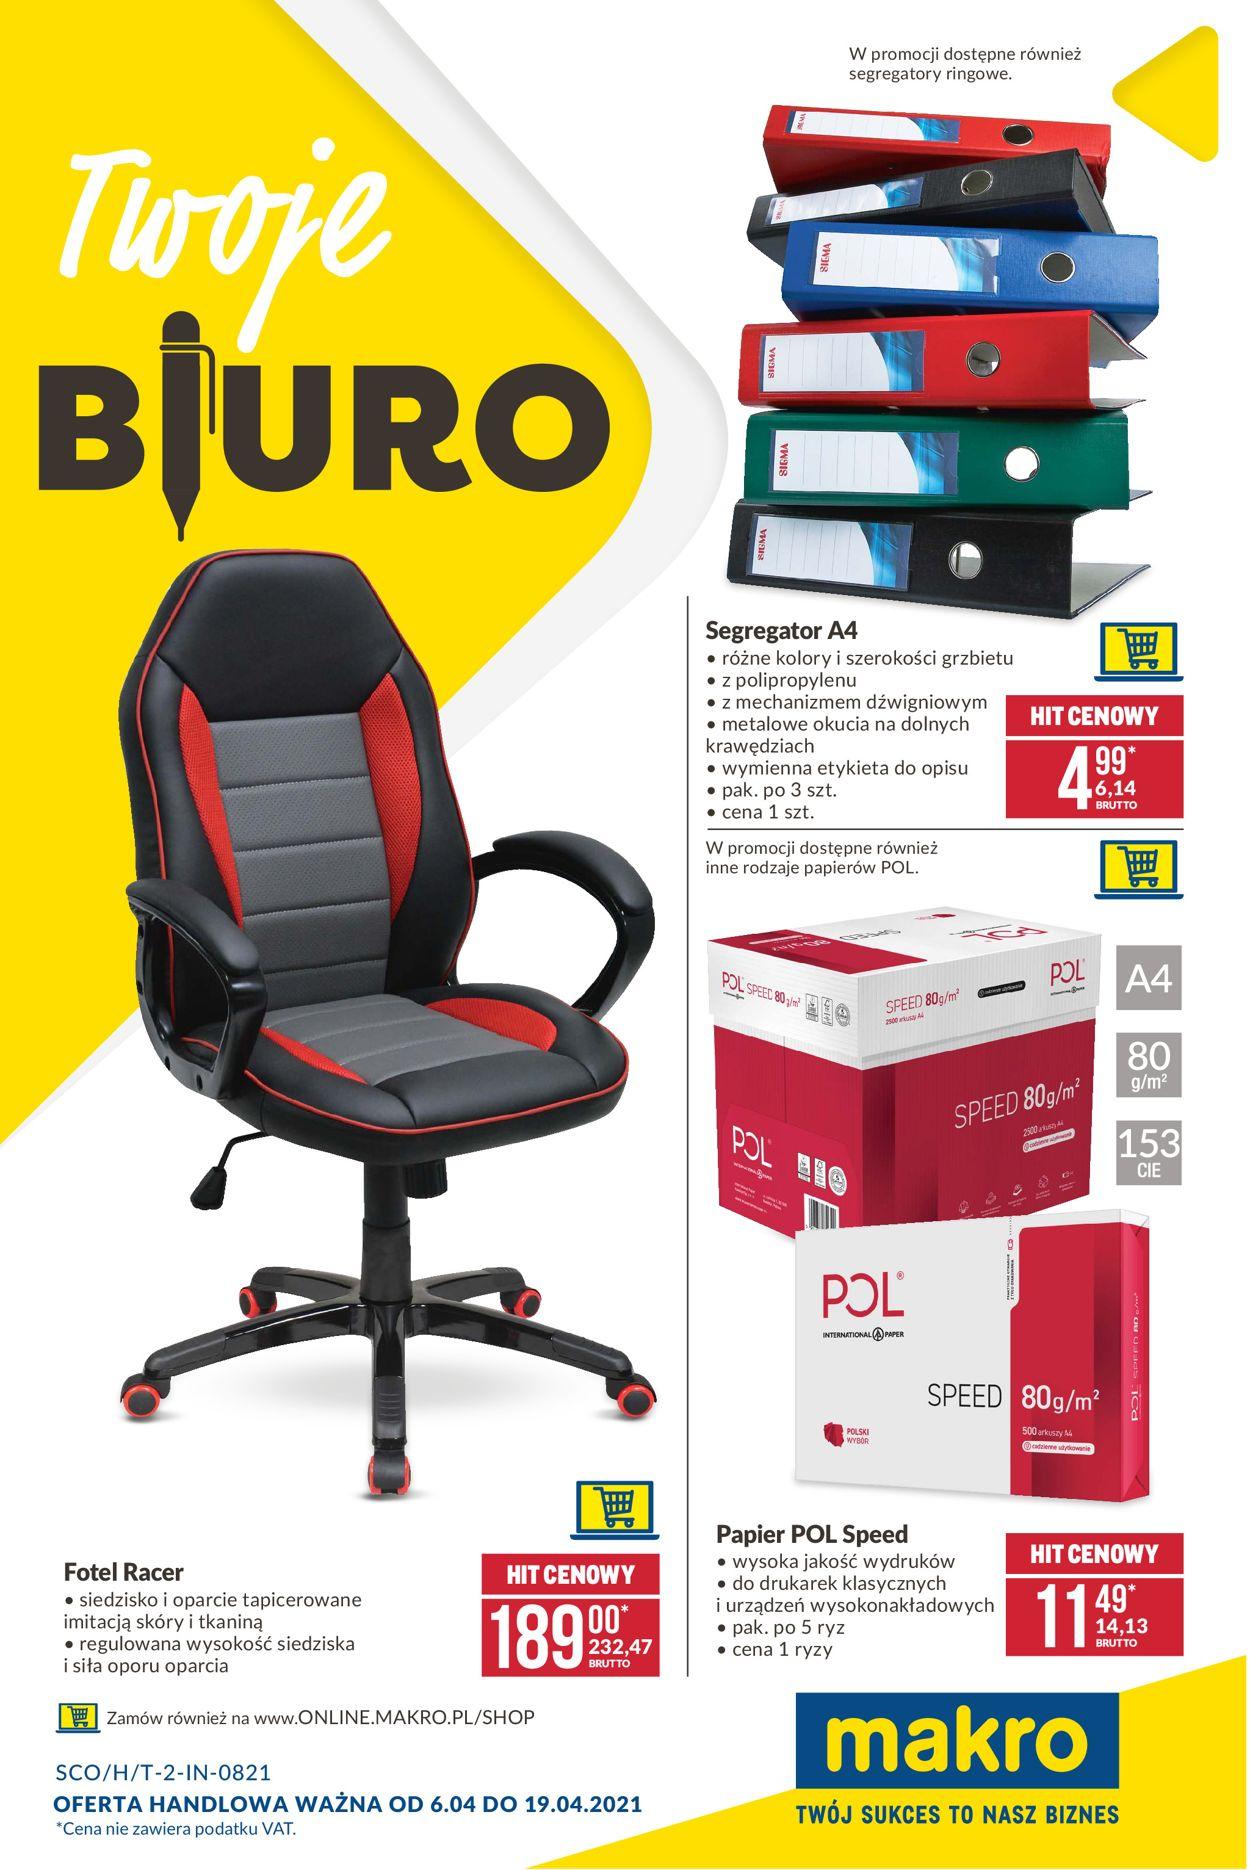 Gazetka promocyjna Makro Twoje Biuro - 06.04-19.04.2021